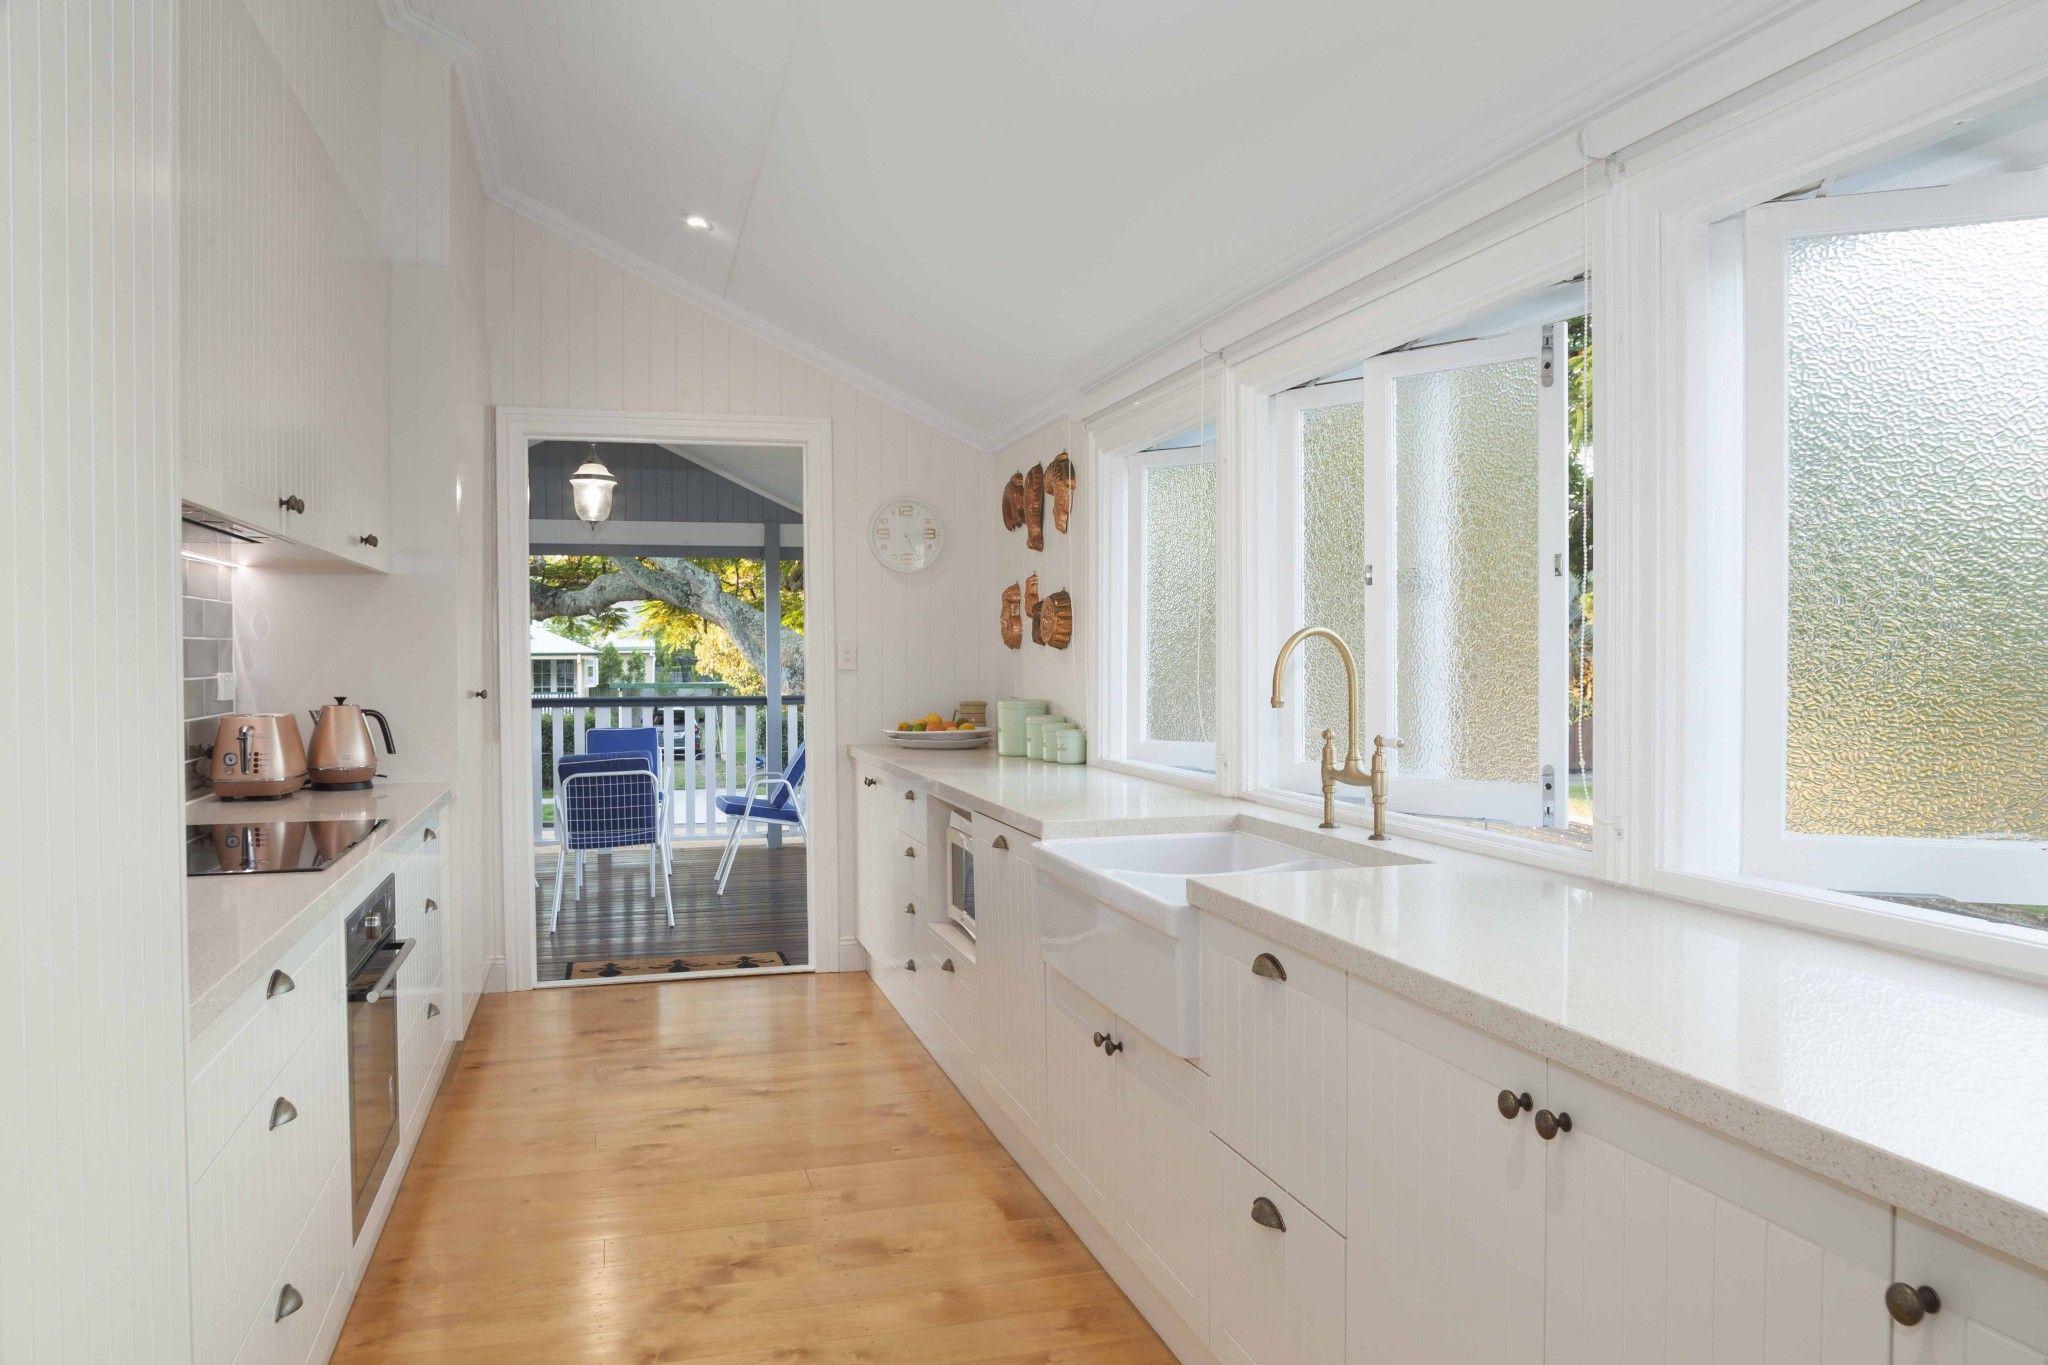 Queenslander Renovation Interior Galley Kitchen Kitchen Renovation Inspiration Kitchen Design Galley Kitchen